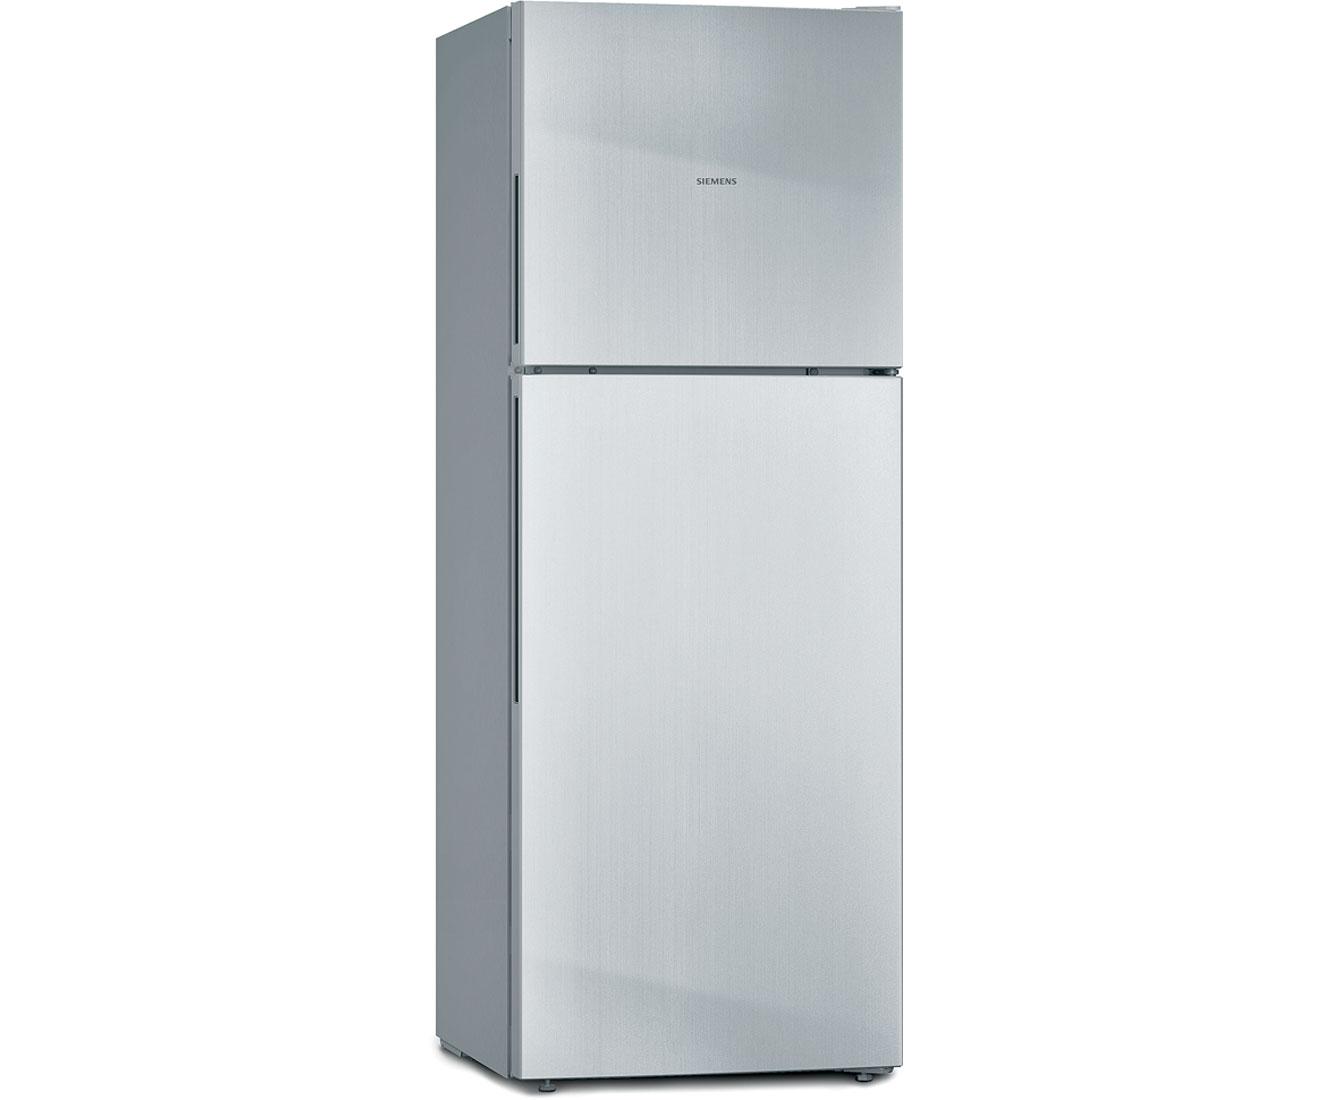 Retro Kühlschrank Siemens : Siemens iq300 kd29vvl30 kühl gefrierkombination 60er breite